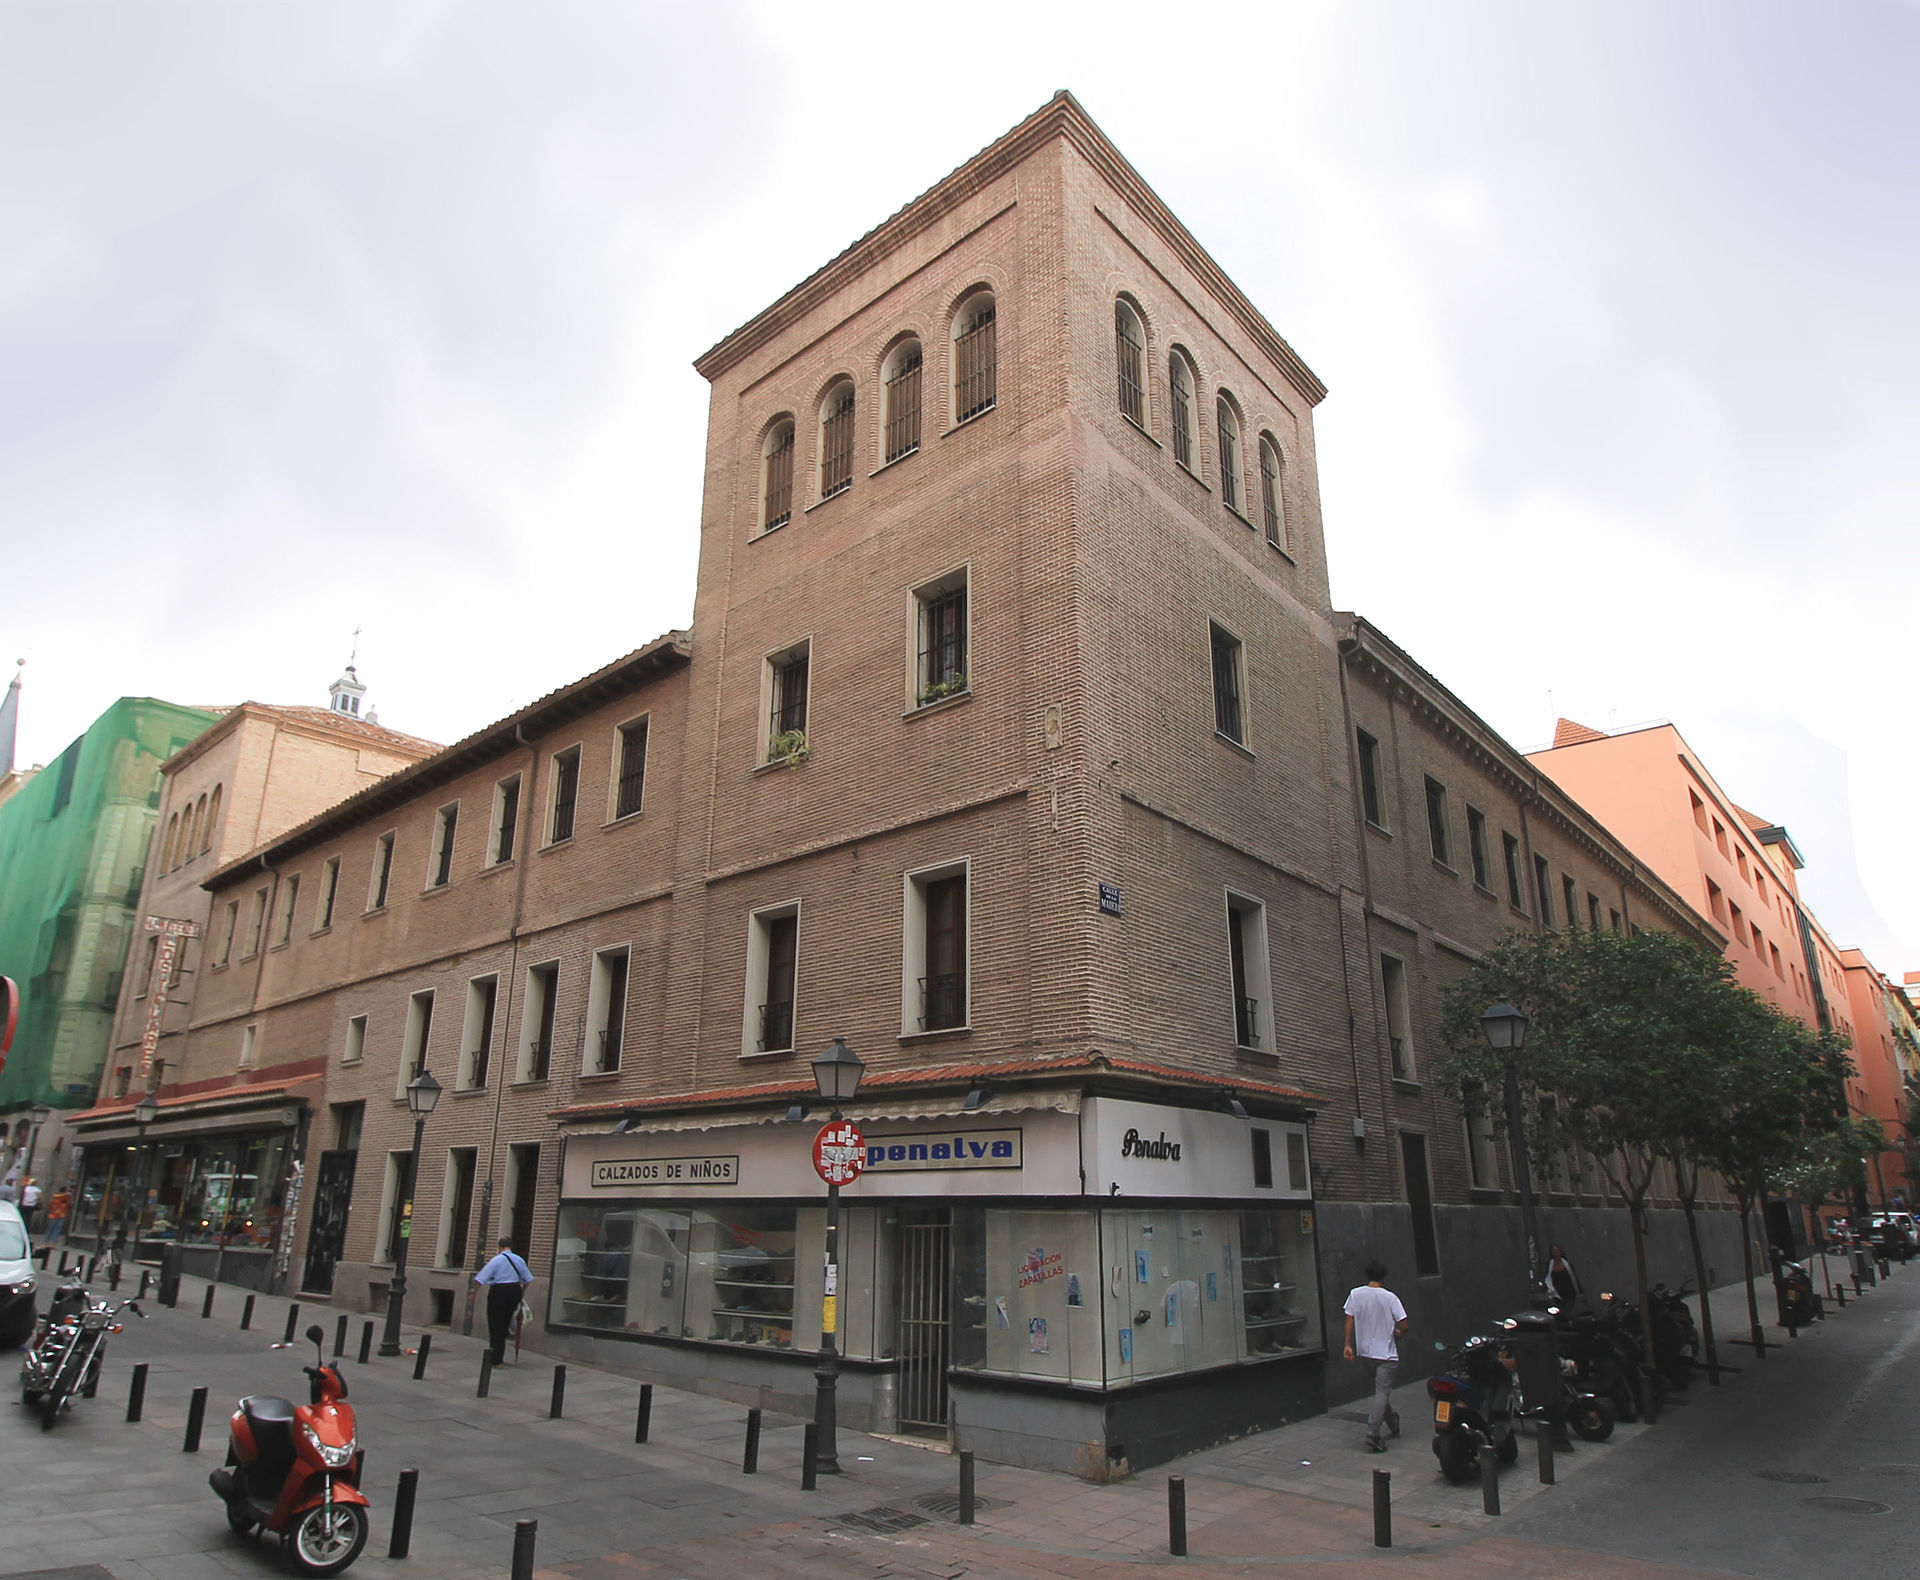 Convento de san pl cido madrid wikipedia la for Calle prado de la iglesia guadarrama